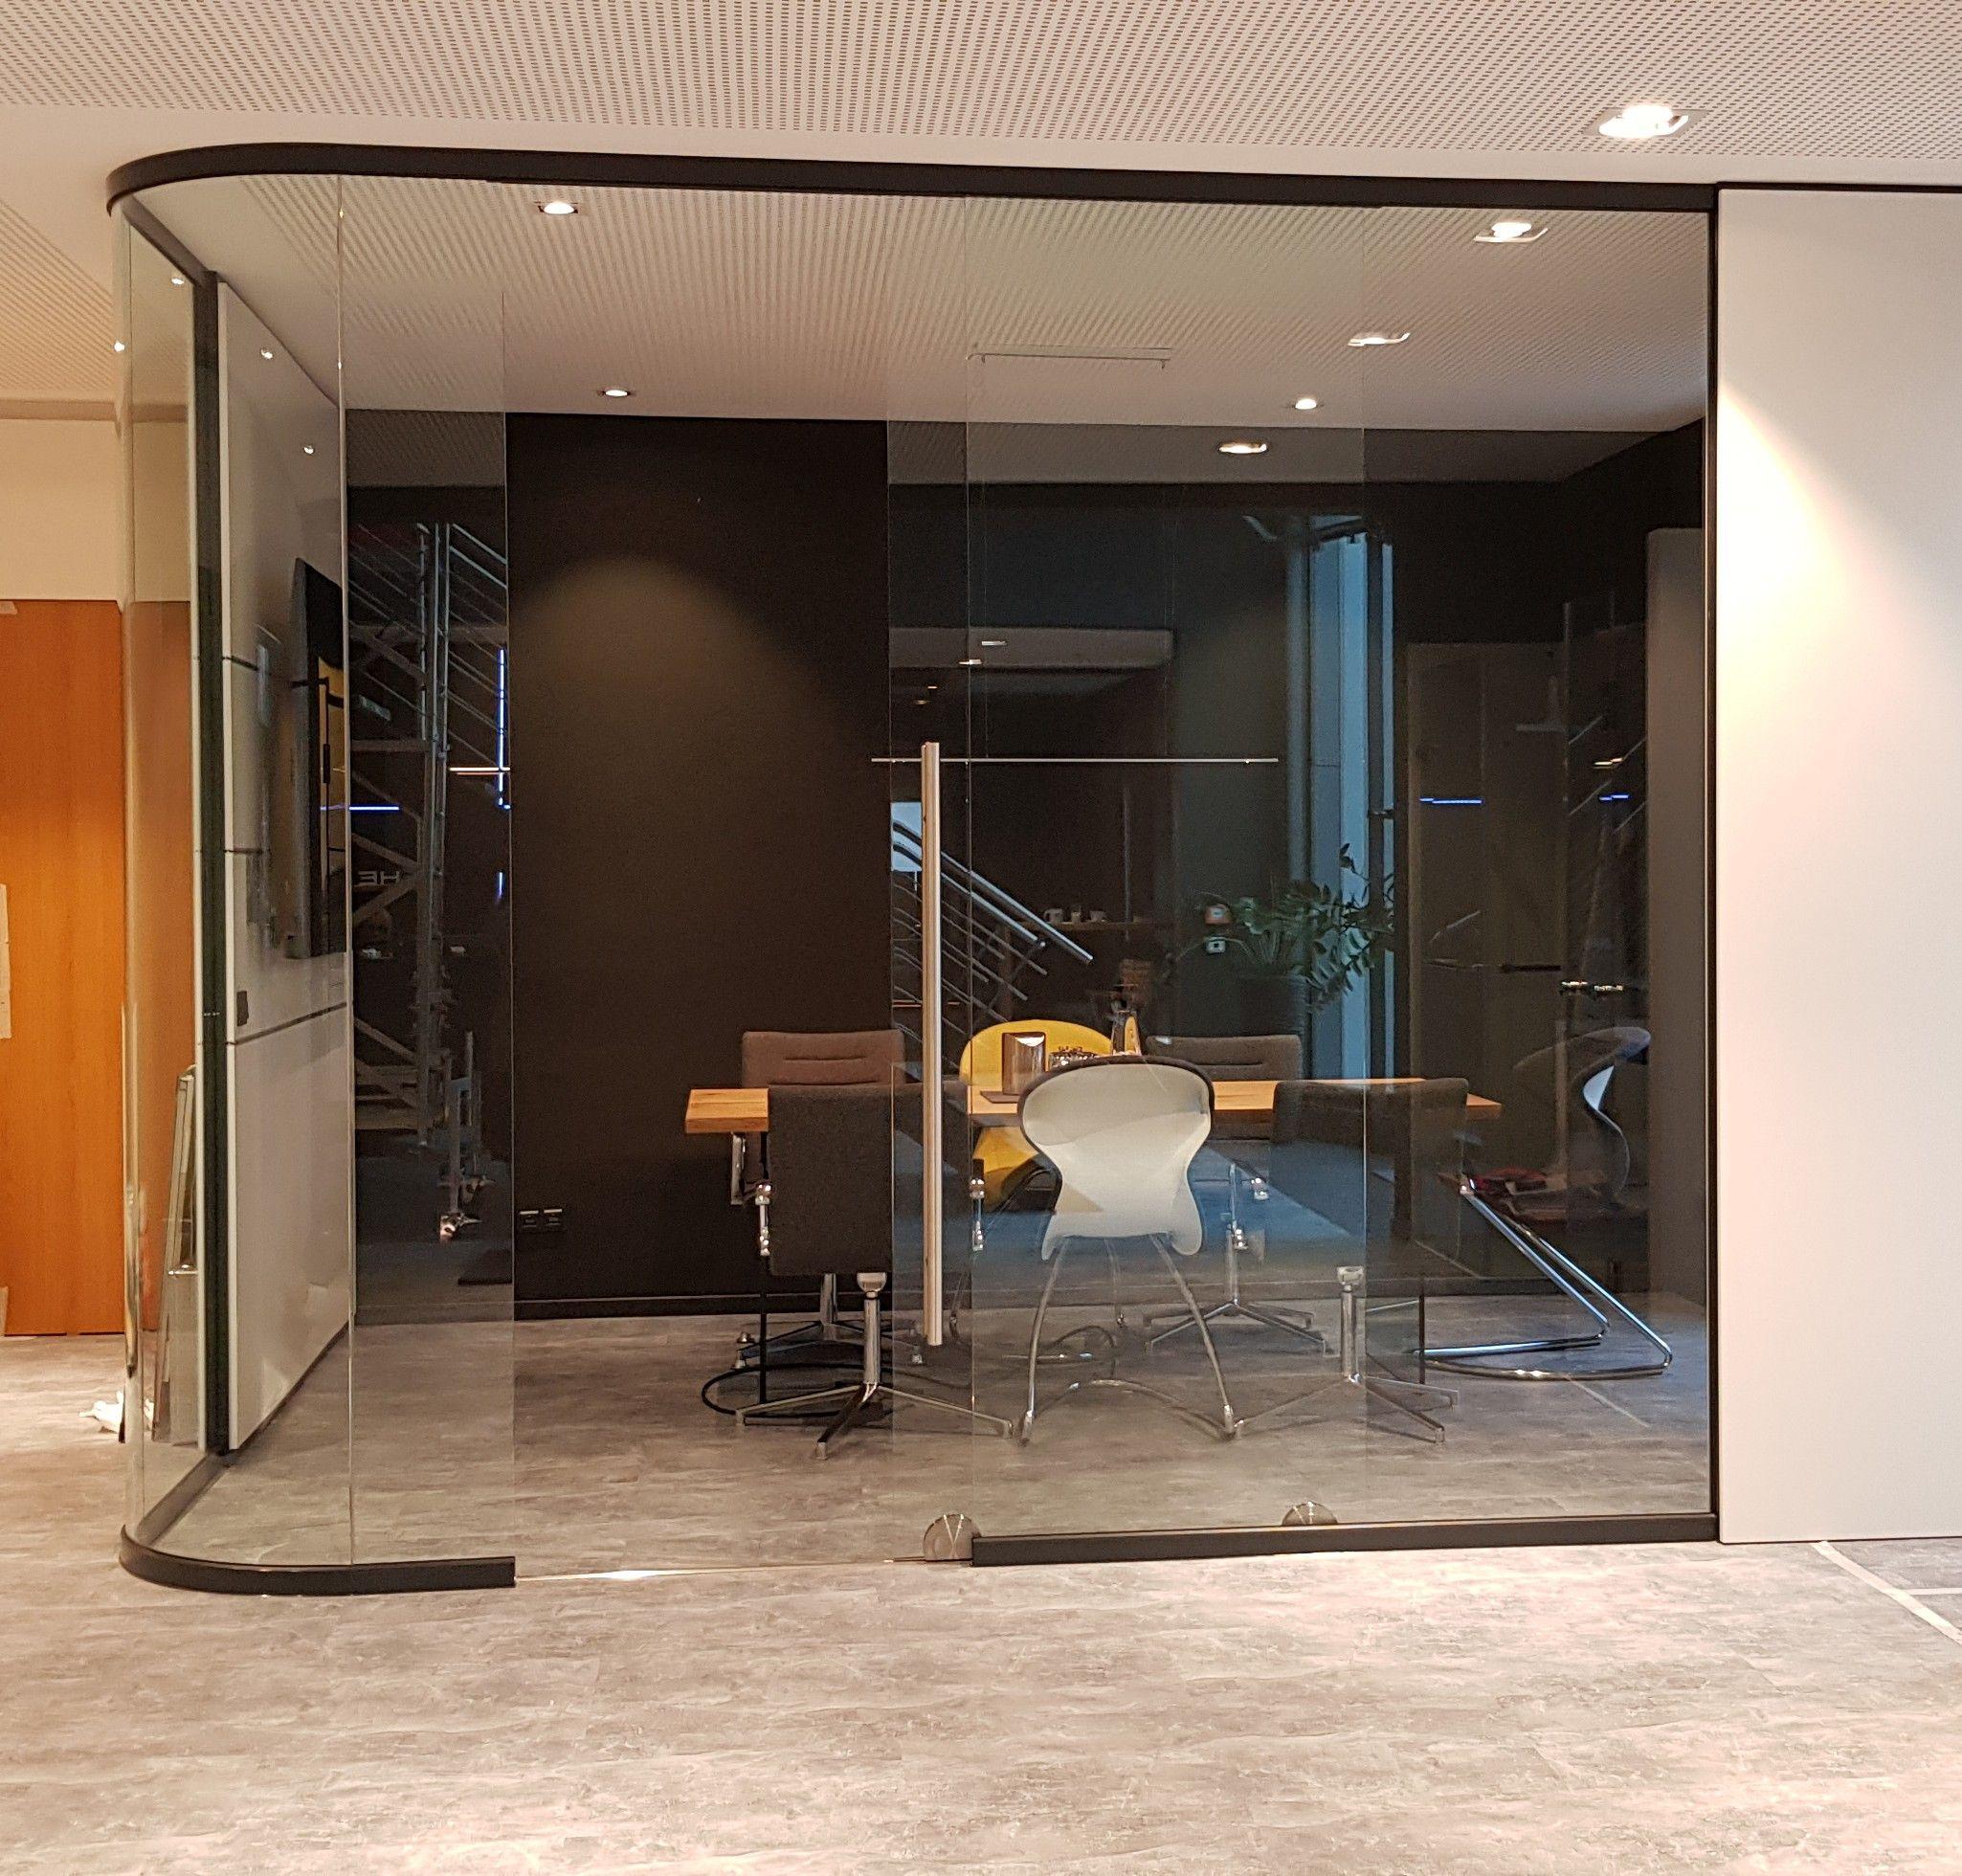 Inspiring Office Meeting Raum Glas Glaslosungen Arbeitsbereich Interior Business Schiebetur Buro Burotrennwande Moderne Arbeitsraume Schiebetur